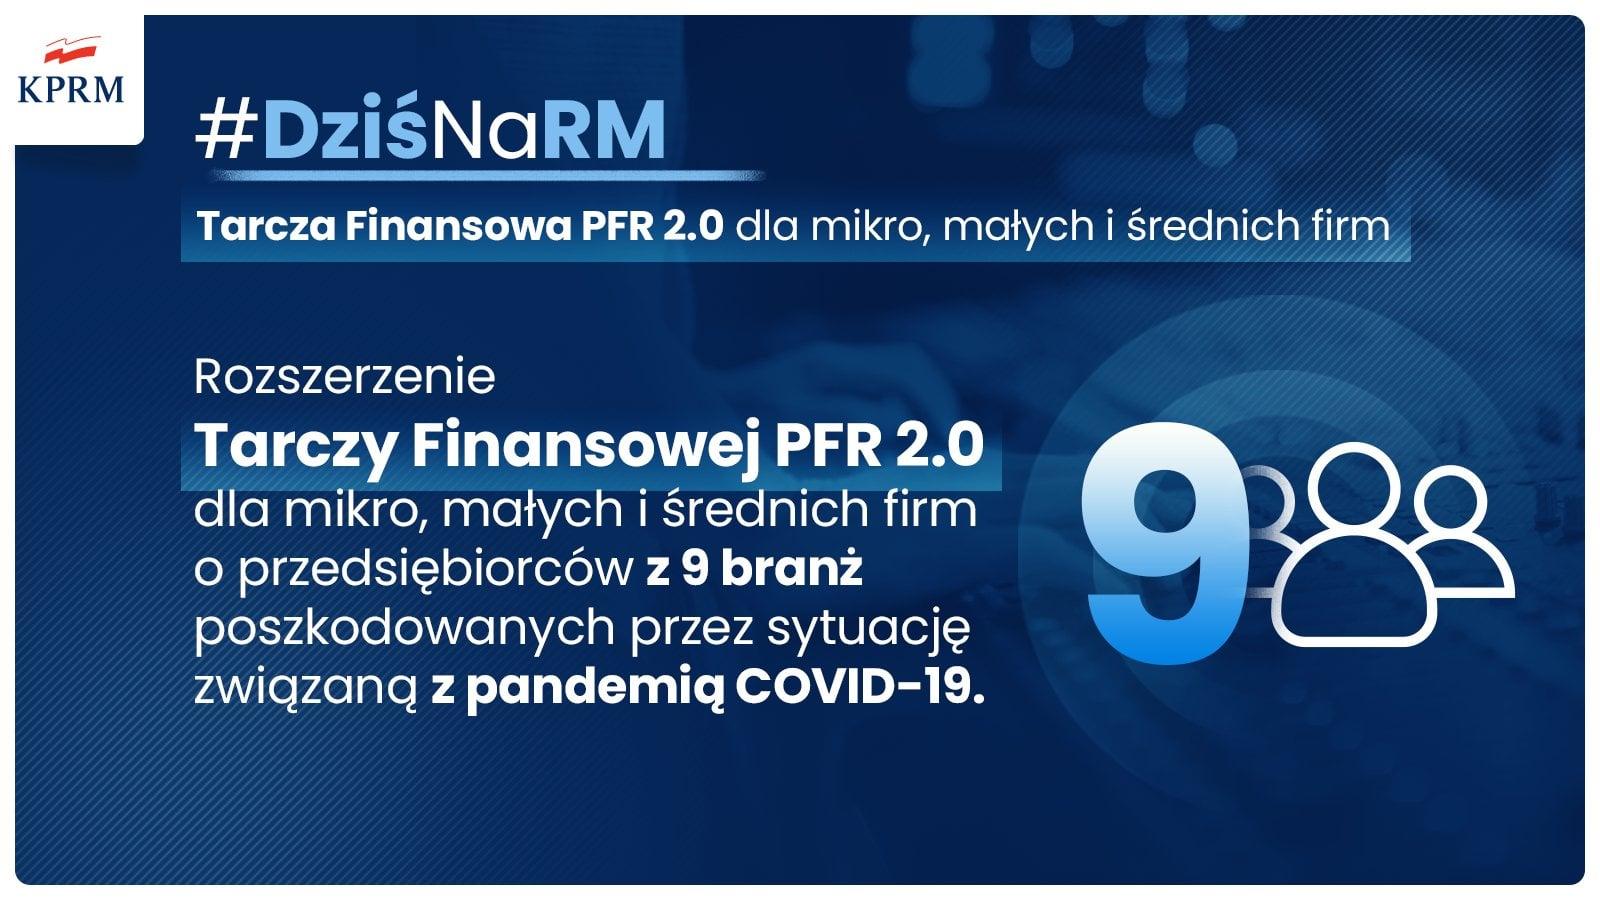 Tarcza Finansowa 2.0 PFR – rozszerzenie pomocy dla 9 branż